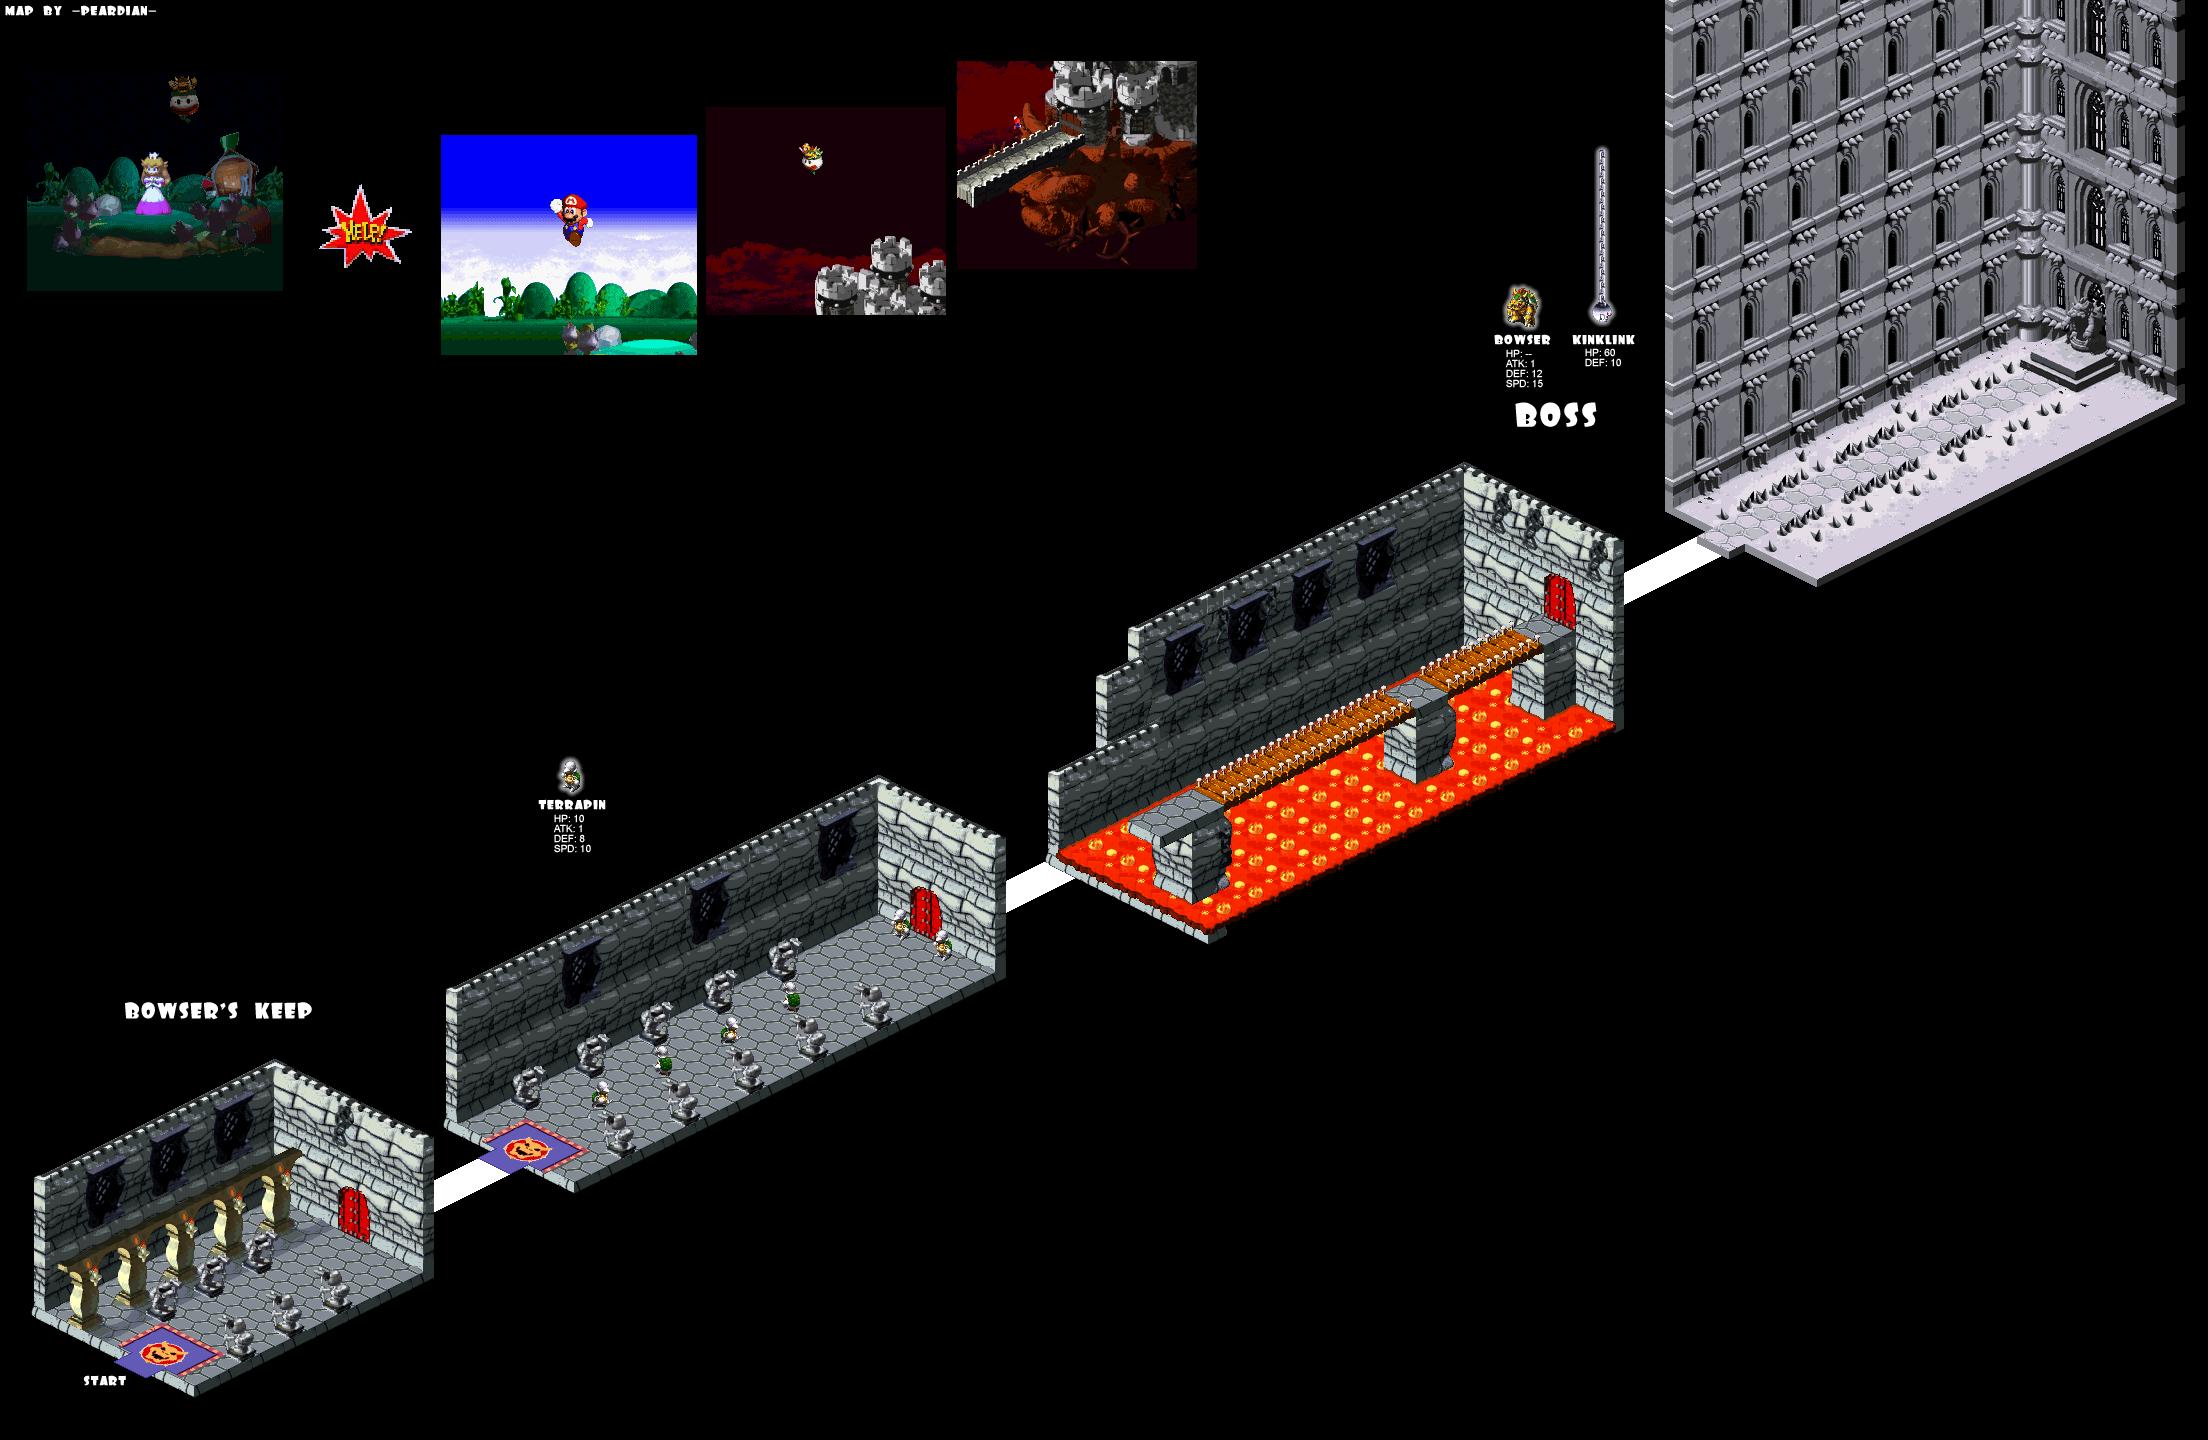 Super Mario RPG - Maps